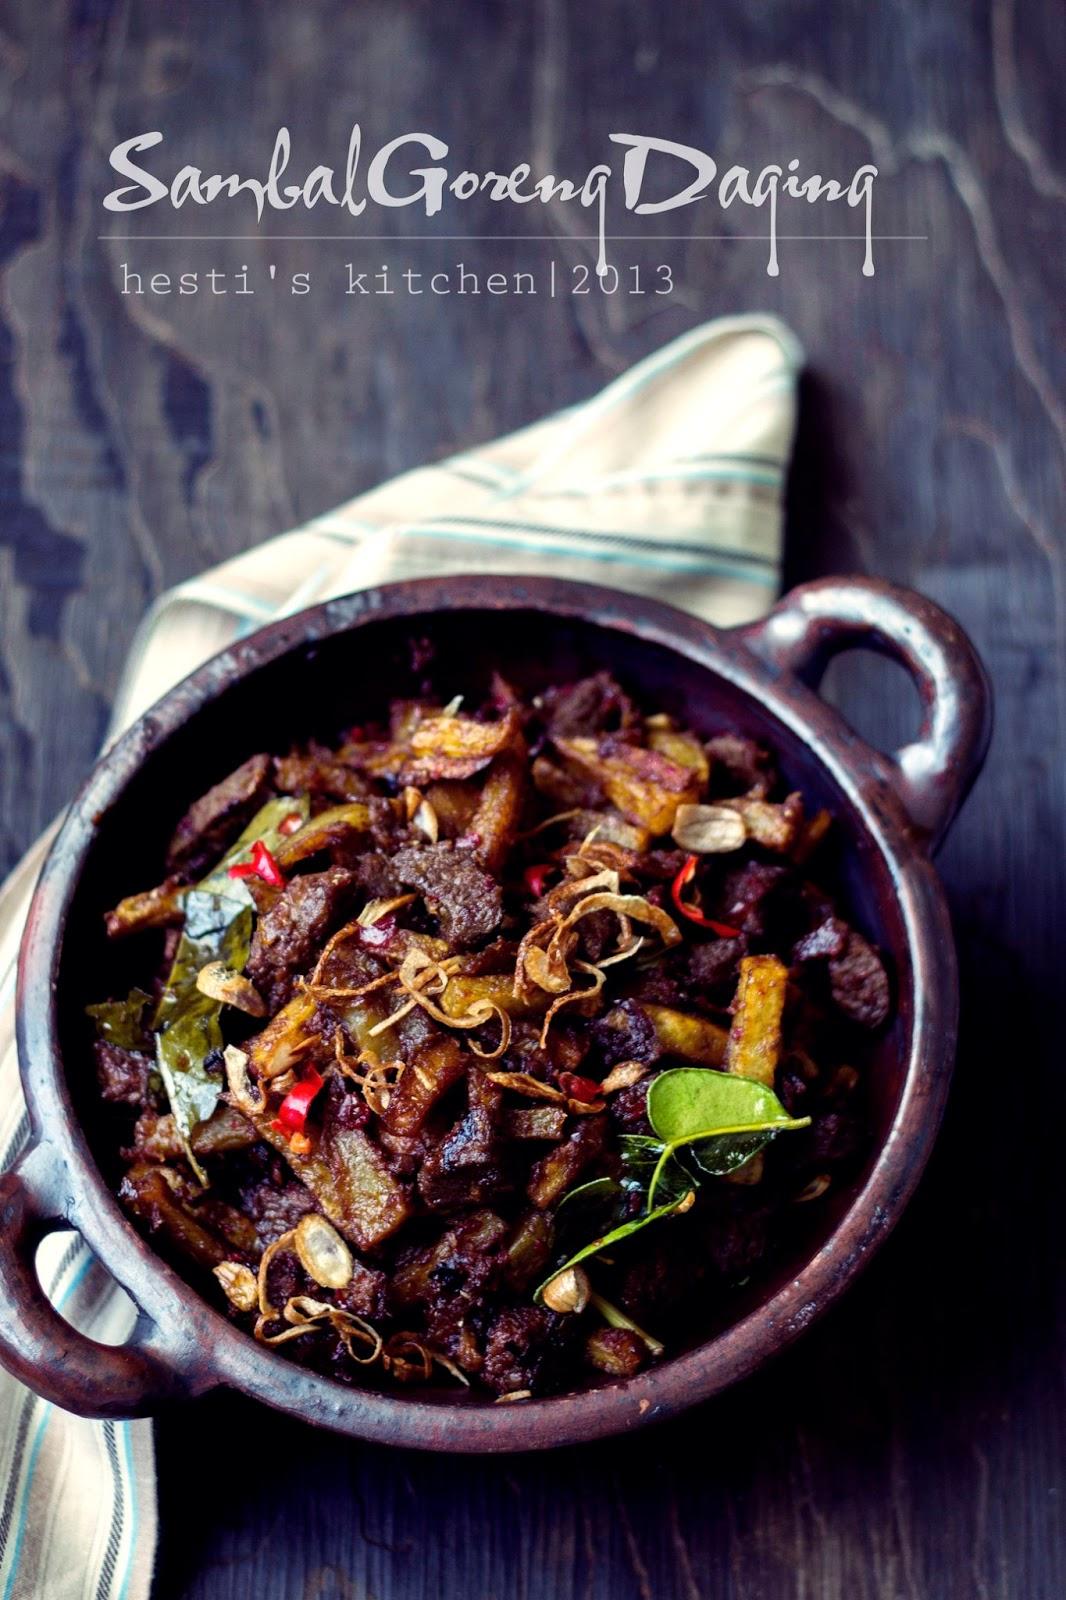 Resep Sambal Goreng Daging : resep, sambal, goreng, daging, HESTI'S, KITCHEN, Yummy, Tummy:, Sambal, Goreng, Daging